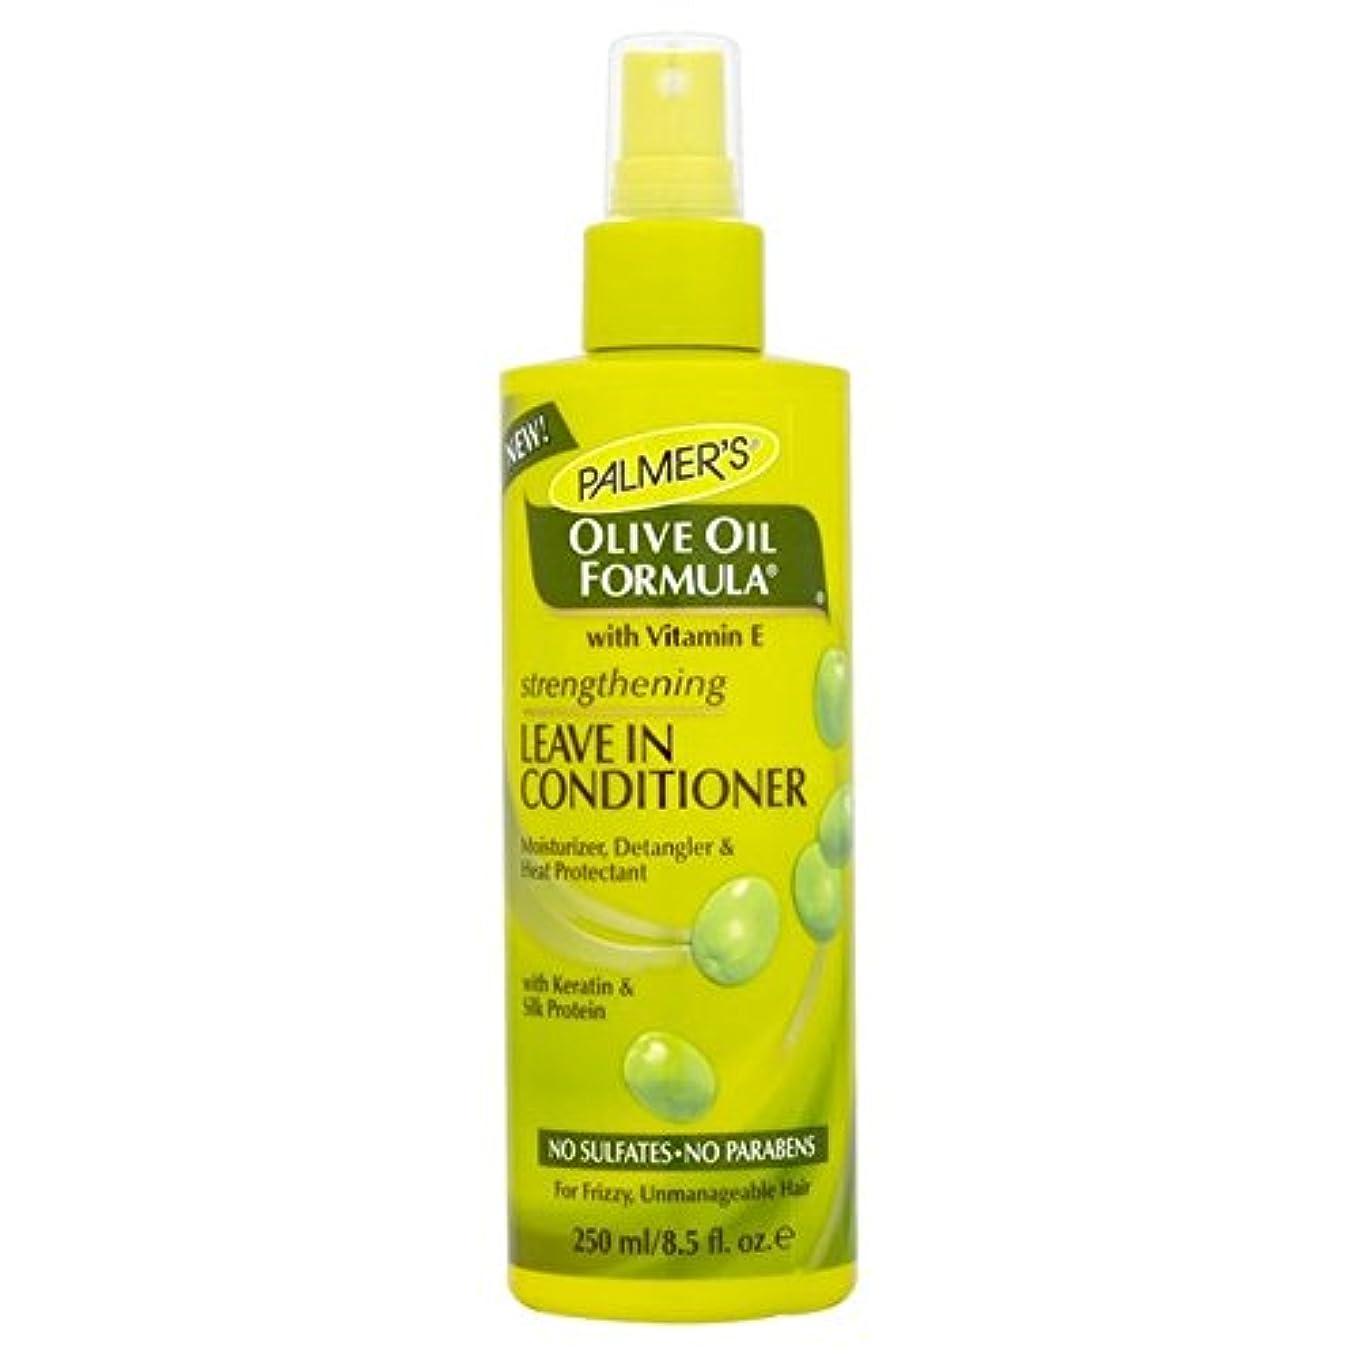 吹雪連合医療過誤リーブインコンディショナー250を強化パーマーのオリーブオイル式 x2 - Palmer's Olive Oil Formula Strengthening Leave-in Conditioner 250ml (Pack...